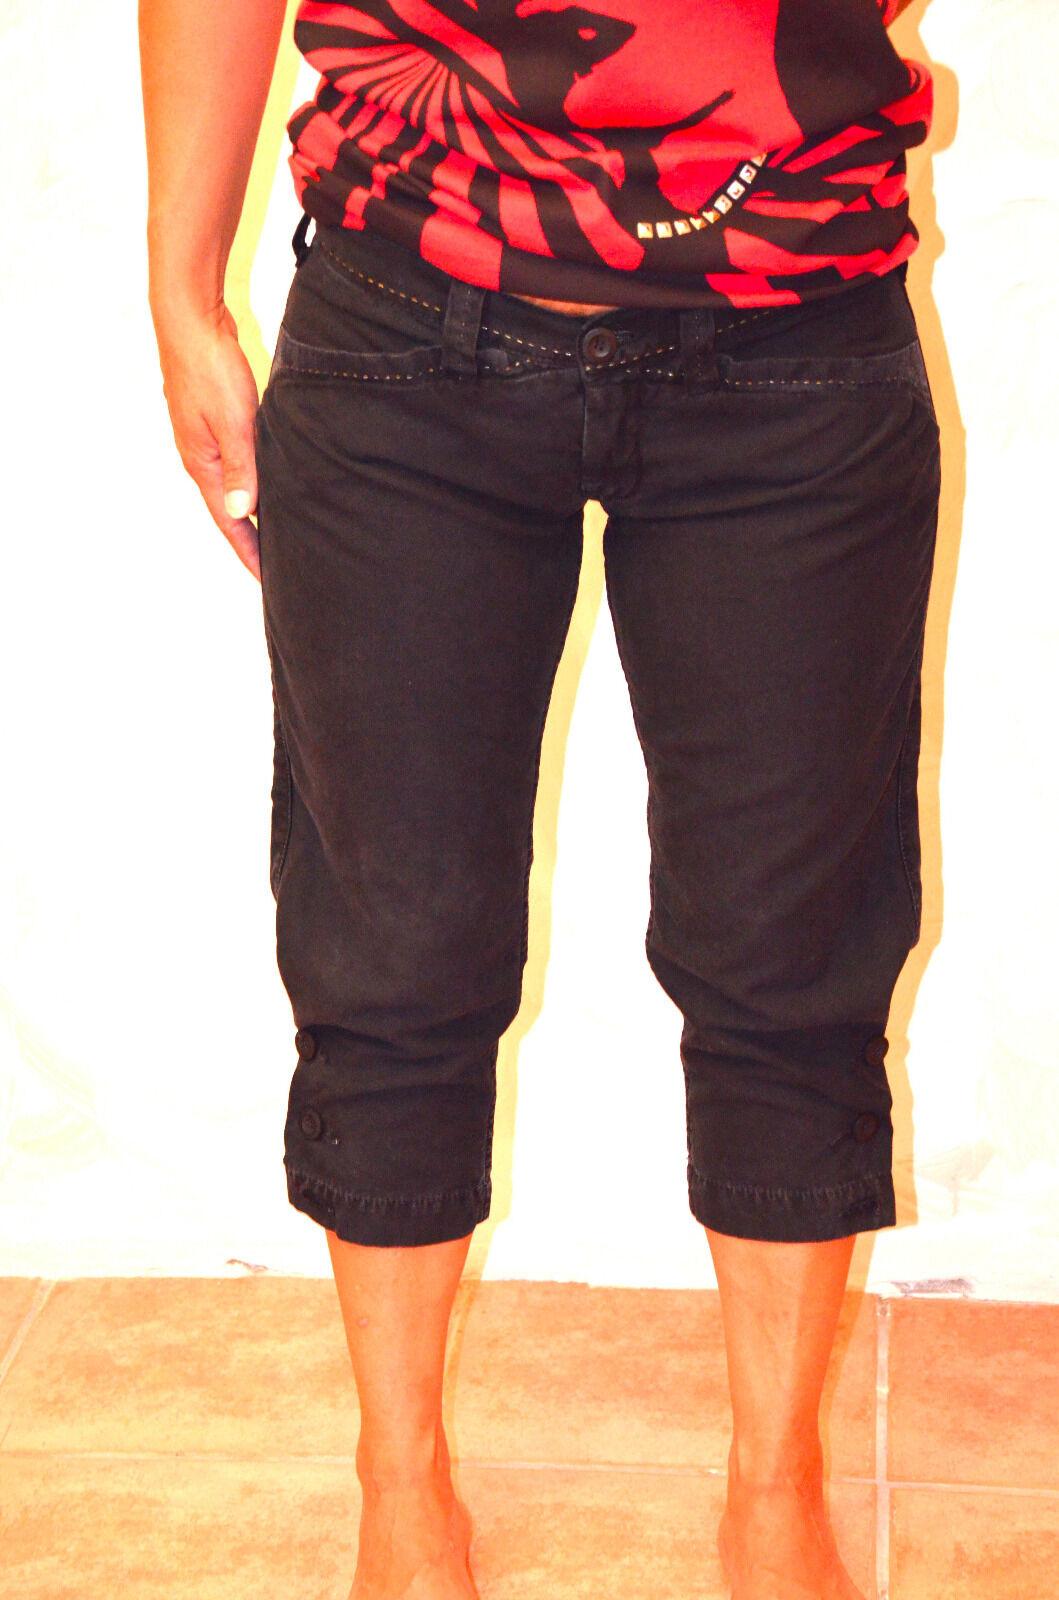 Women three quarter pants LE TEMPS DES CERISES size 27W (36 38) ALL NEW